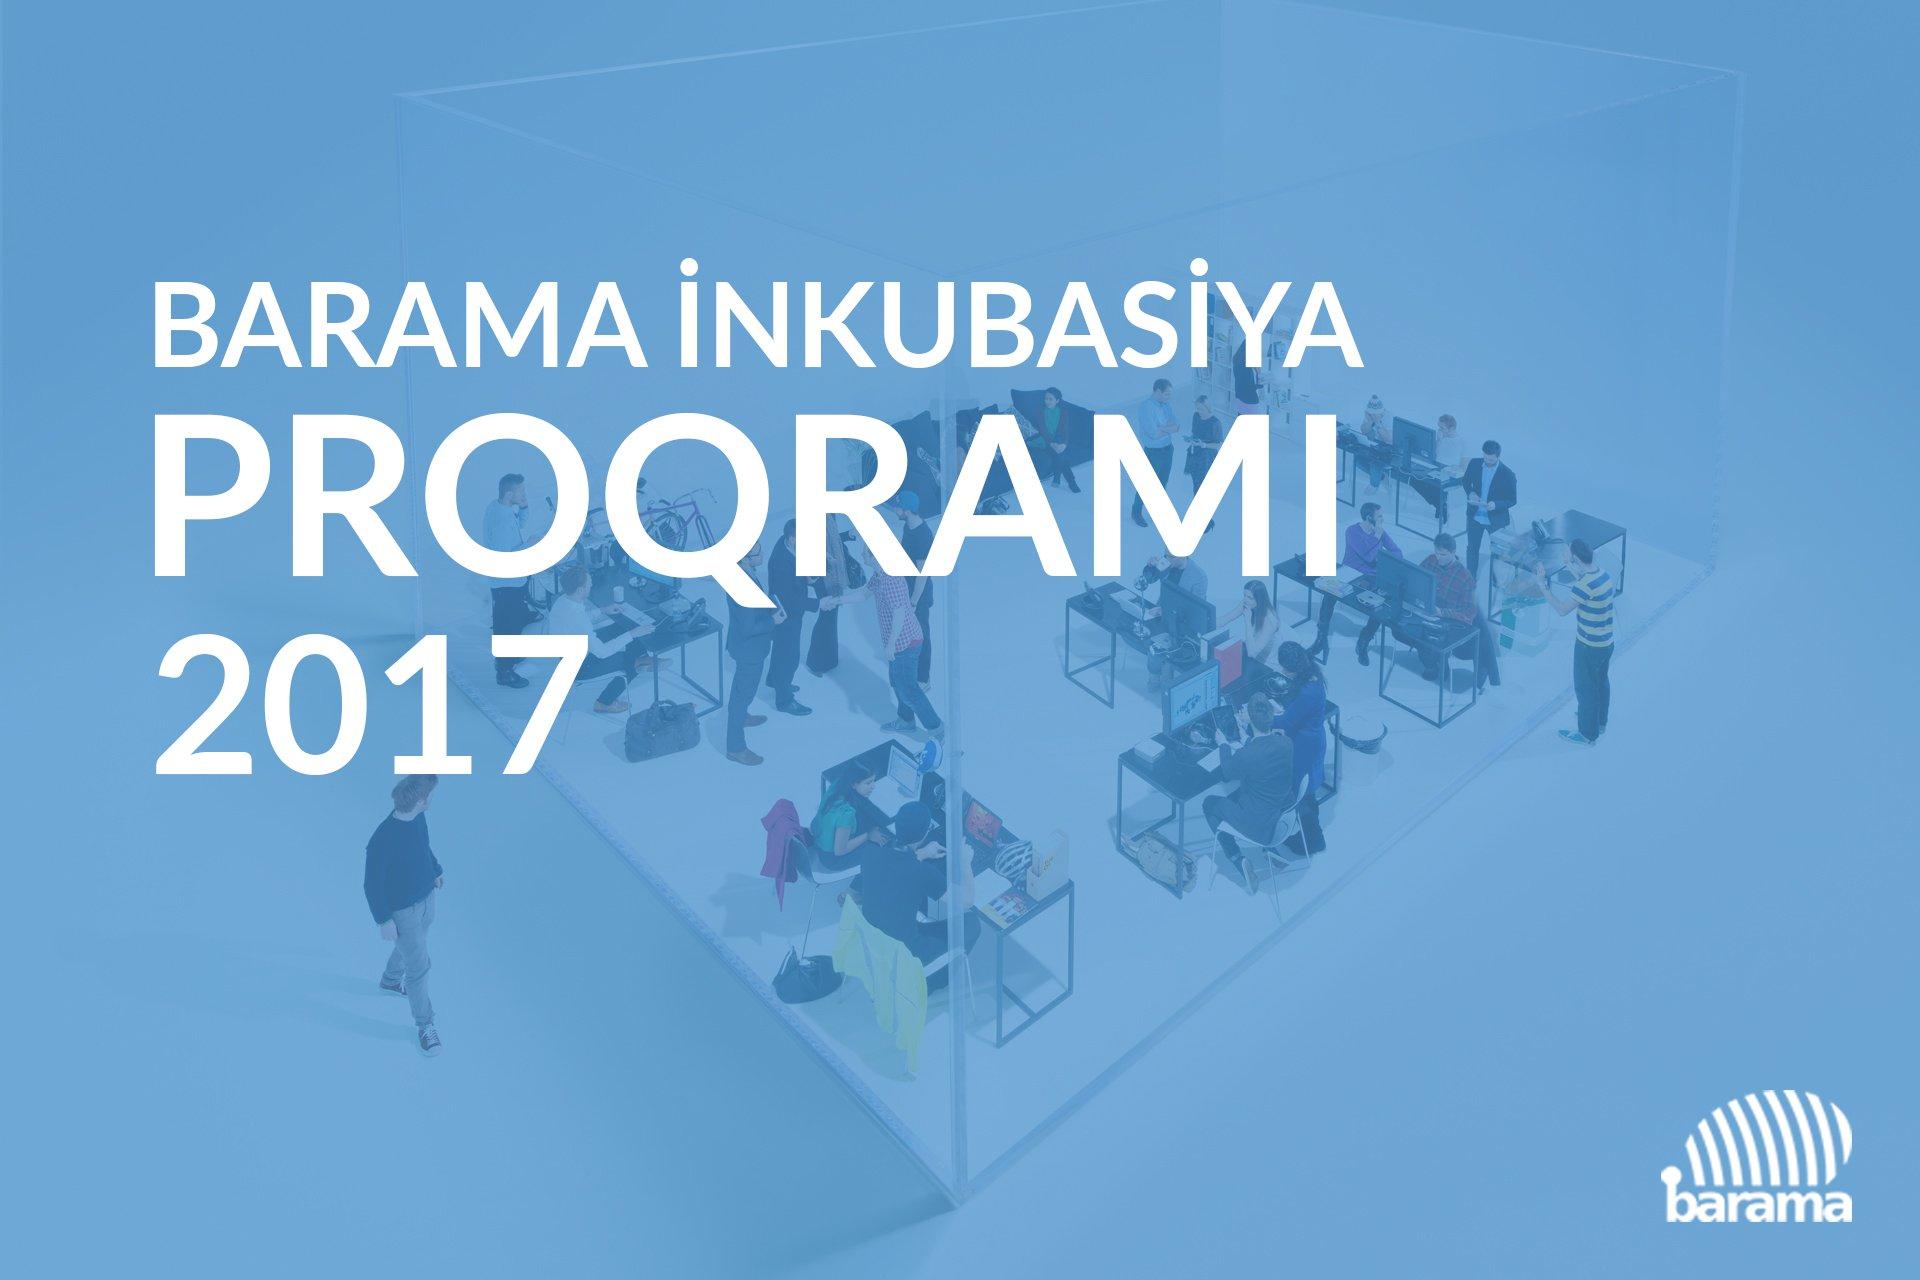 'Barama İnnovasiya və Sahibkarlıq Mərkəzi' startaplar üçün yeni inkubasiya proqramı elan edir (Sonda 5000 AZN - lik xidmət müqaviləsi)